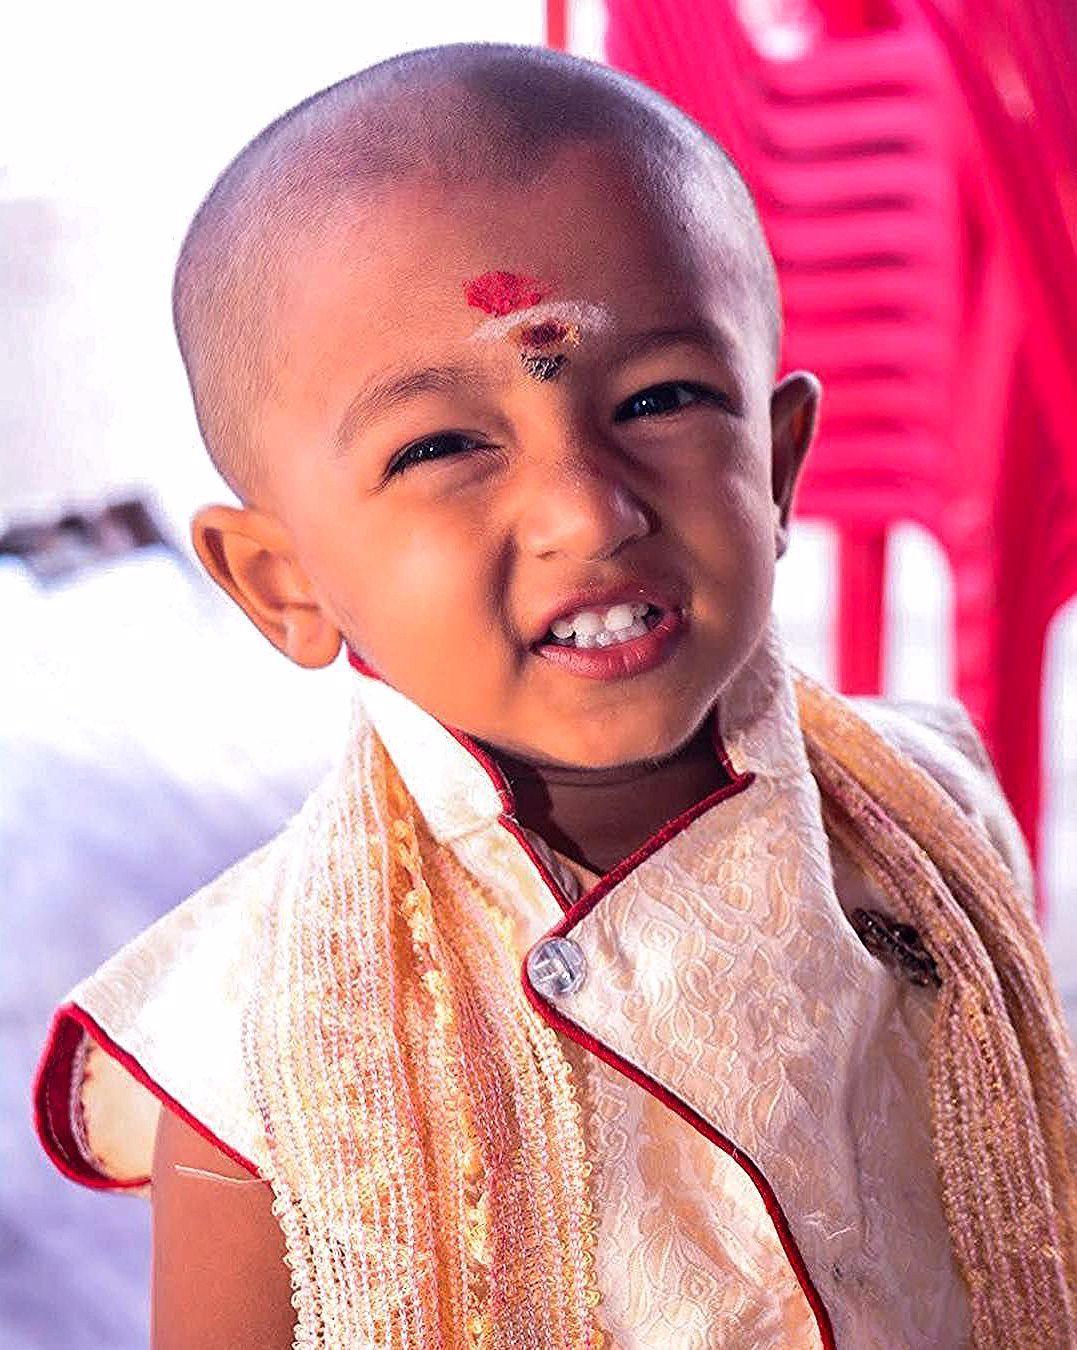 Boi I Ran : Children's, Fashion